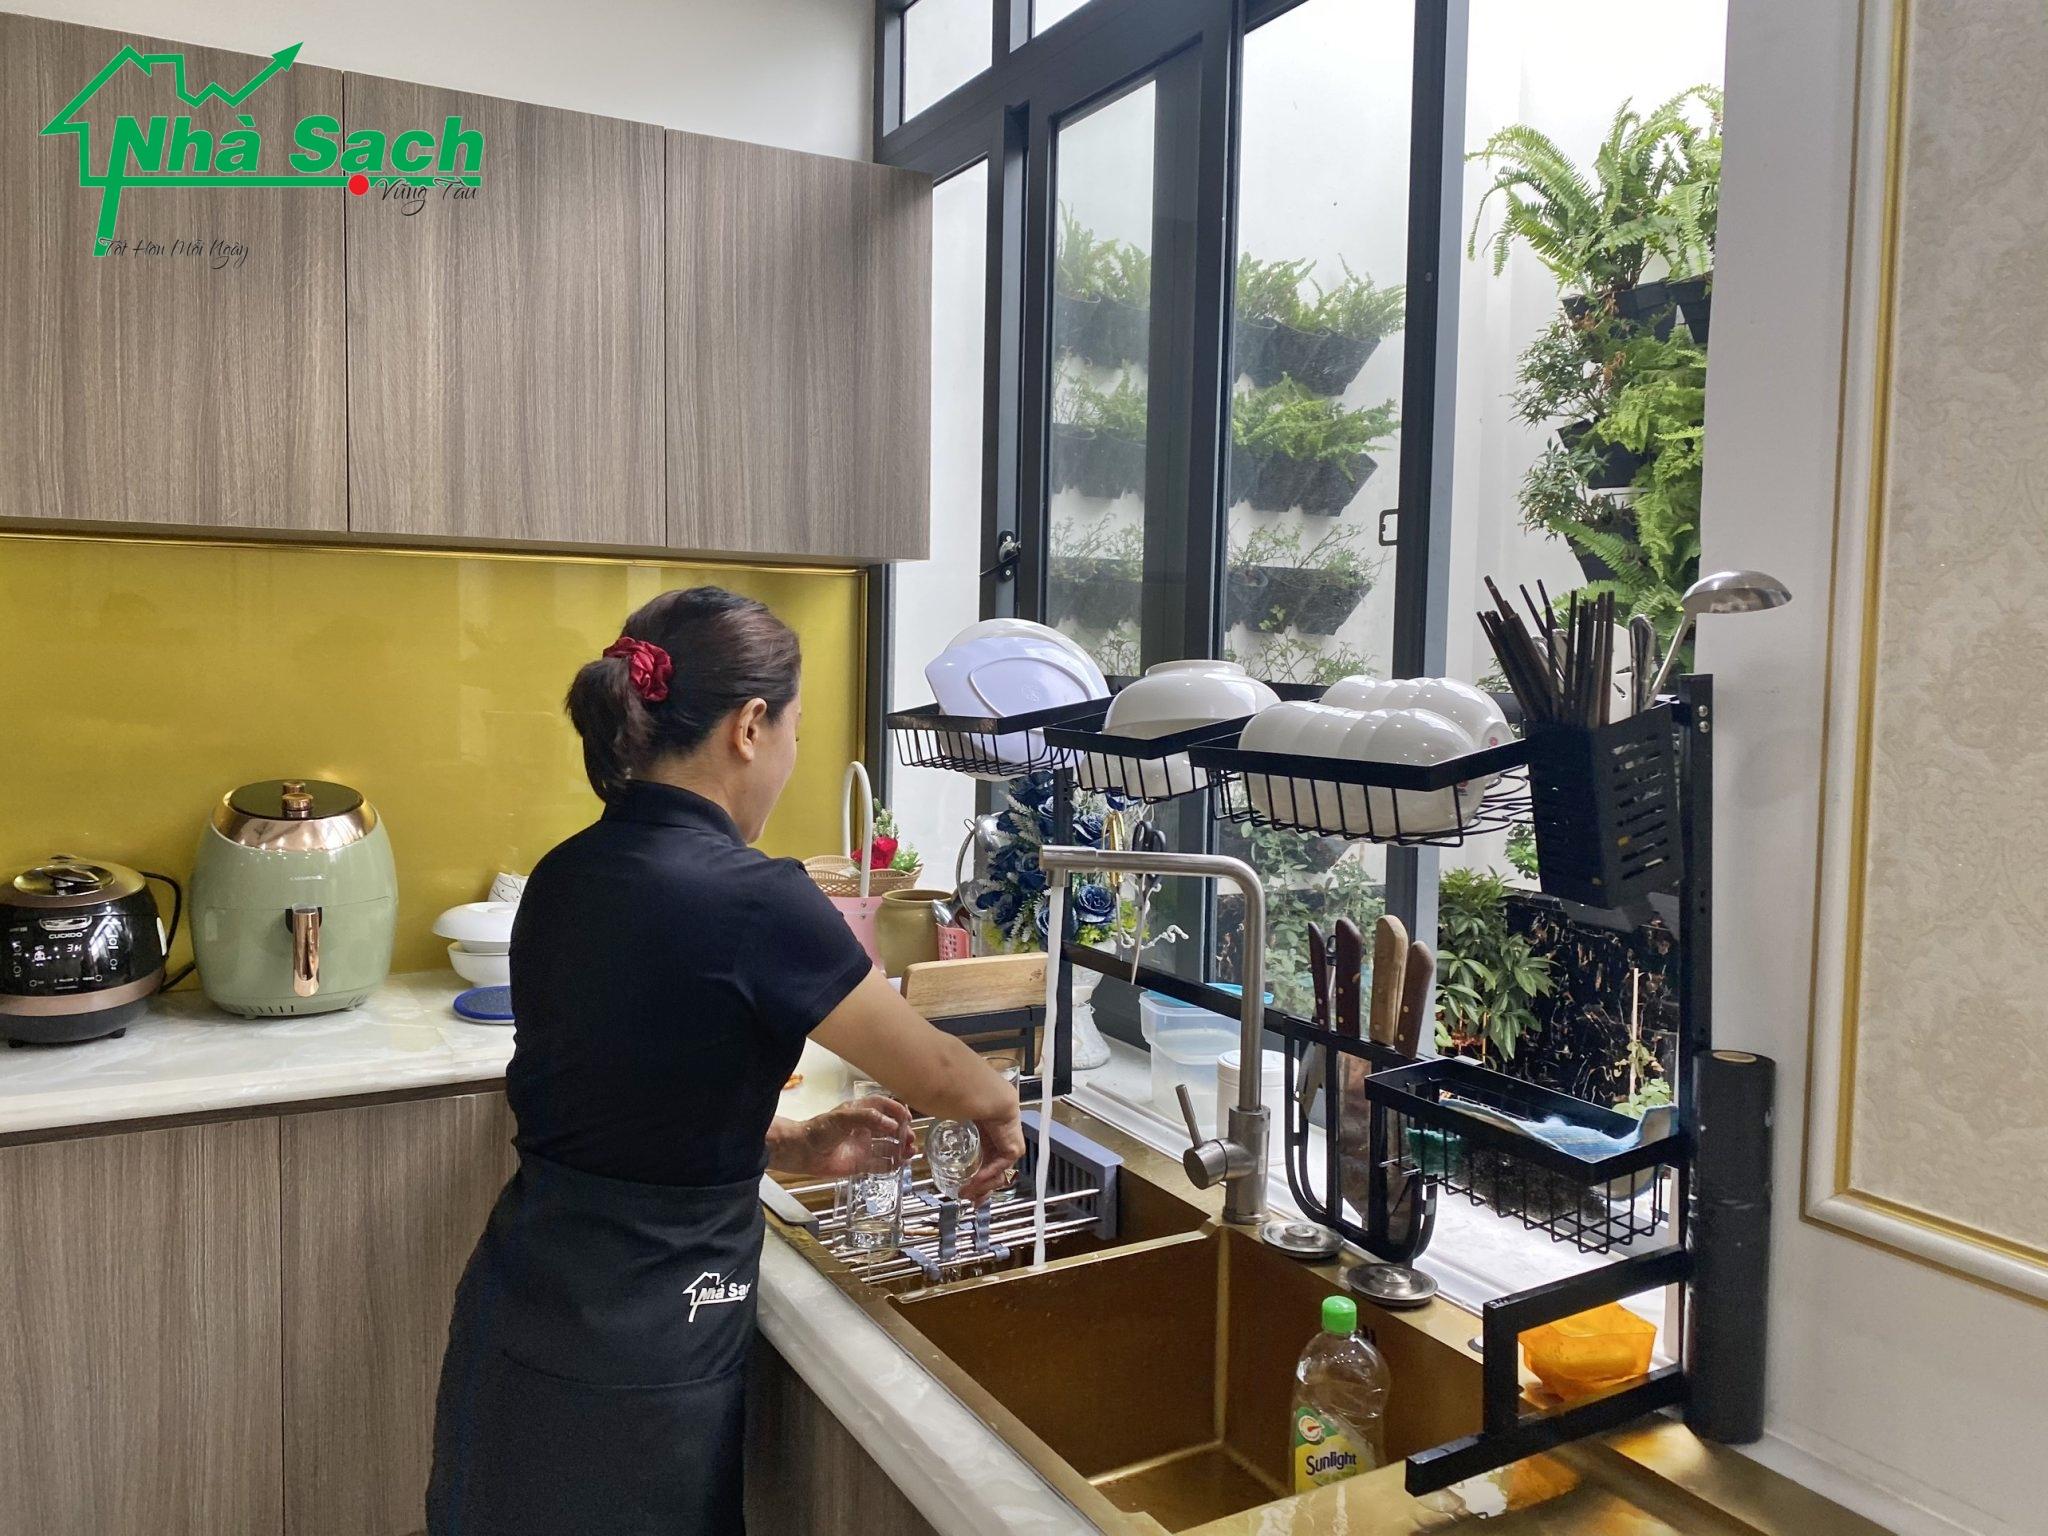 Nhà sạch Vũng Tàu - người bạn thân thiết của mọi nhà